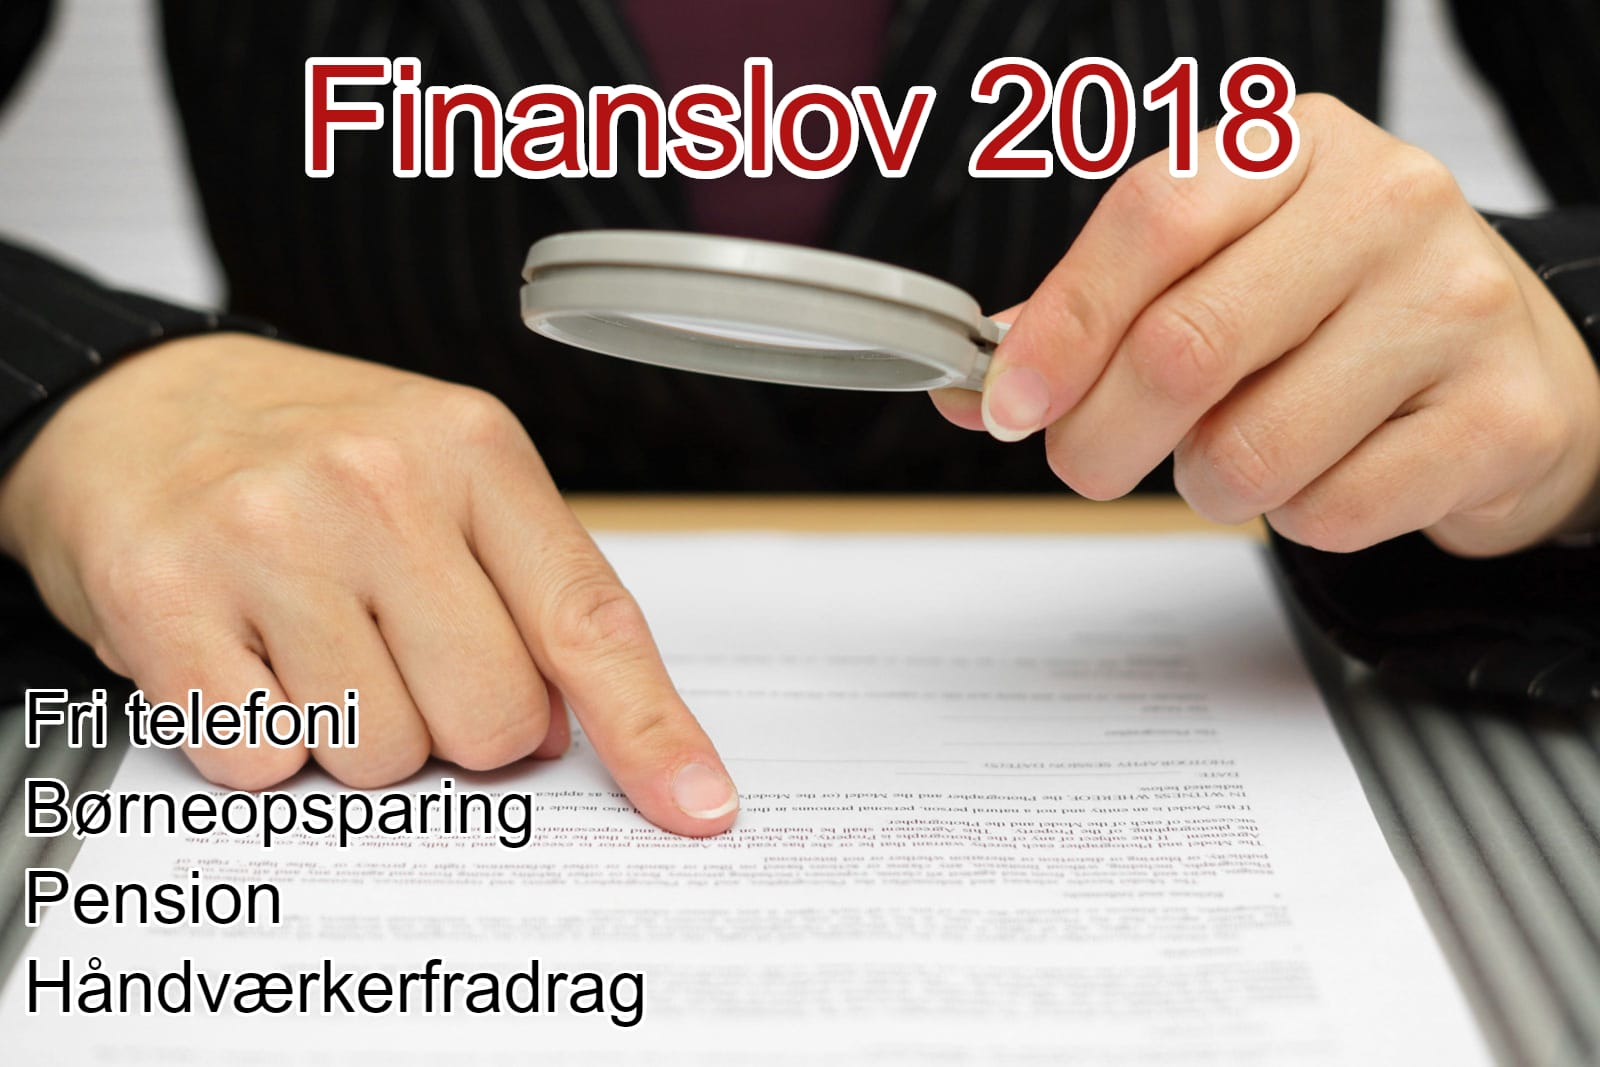 Har du ikke tid til at nærlæse finansloven for 2018, så tjek her de vigtigste punkter for din privatøkonomi.